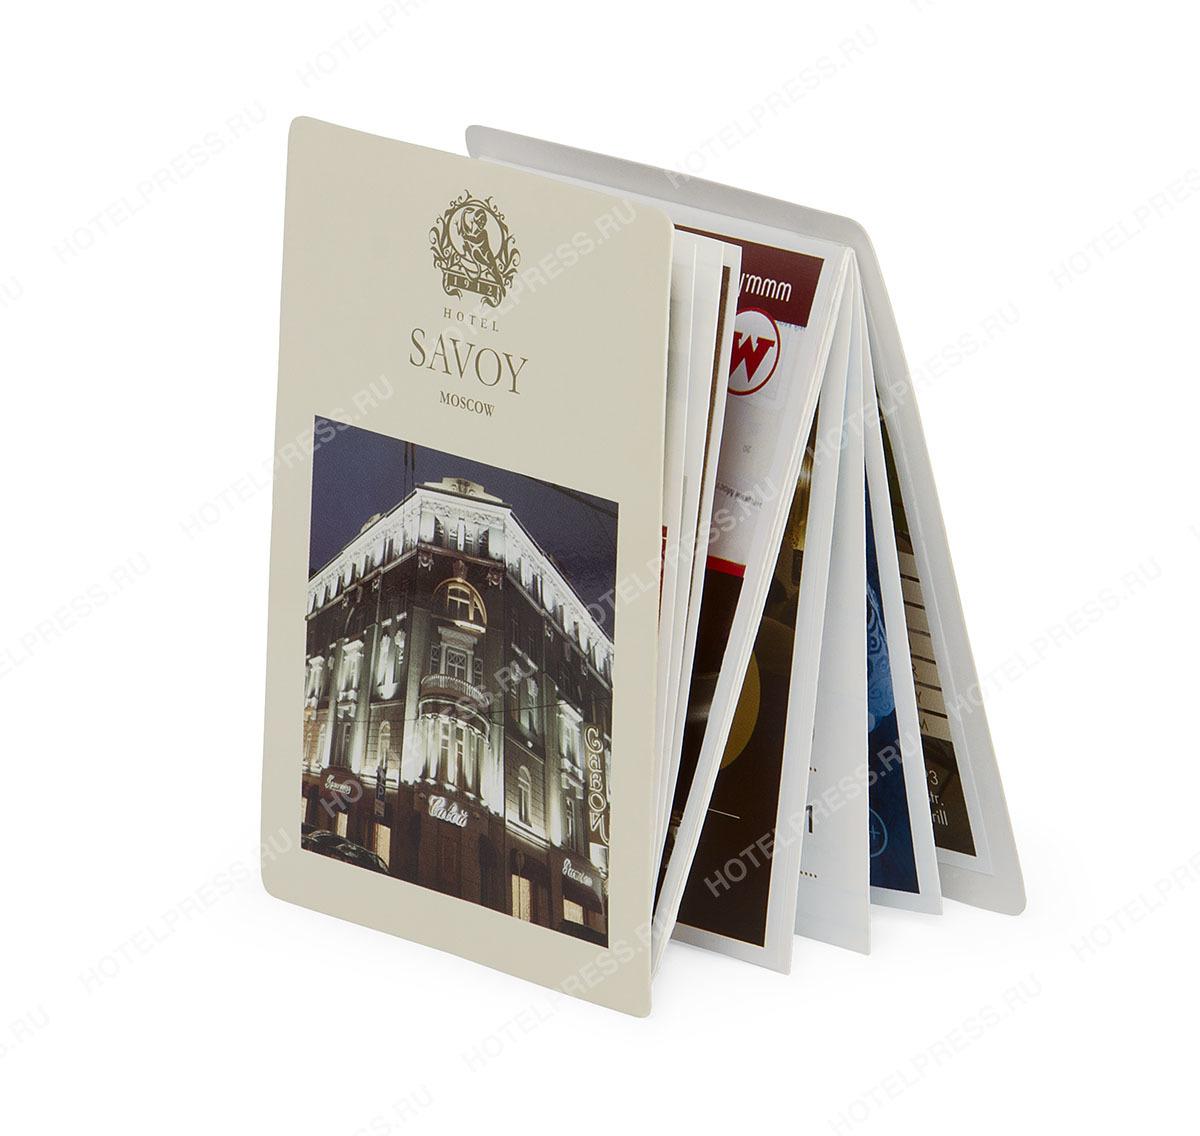 Z-карта гостей проживающих в отеле SAVOY